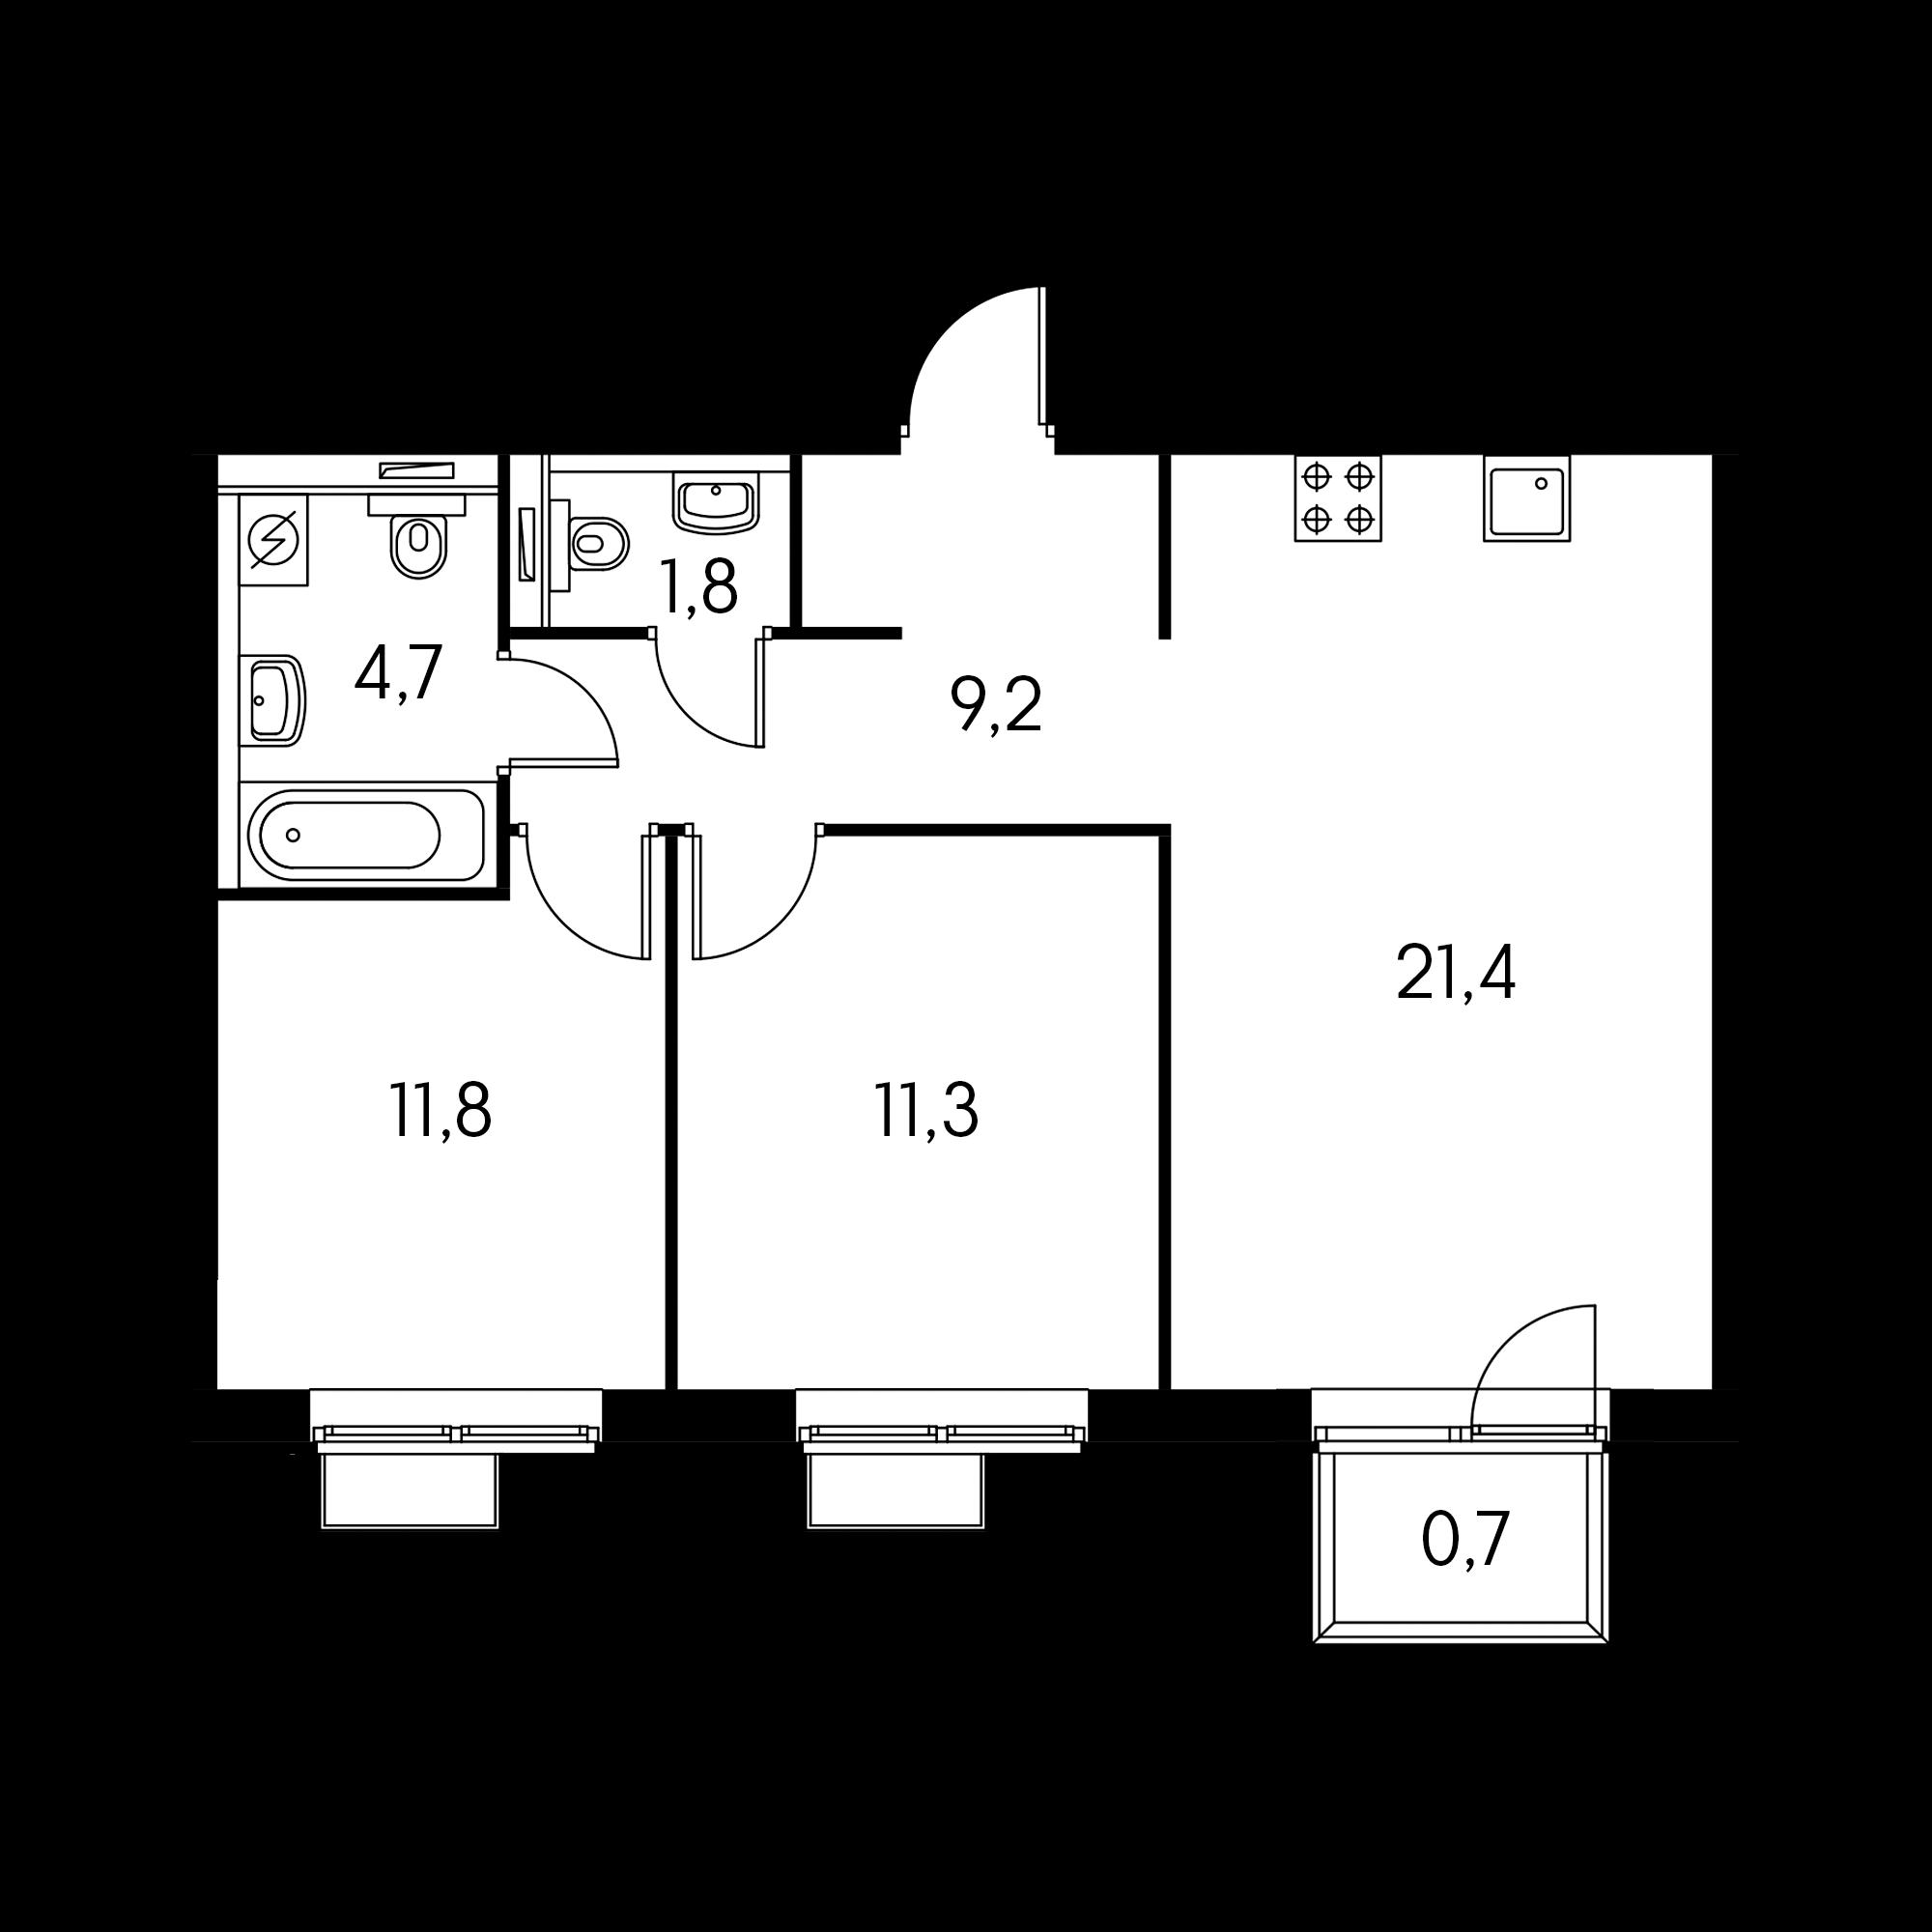 2EM9_10.5-1_S_AB2